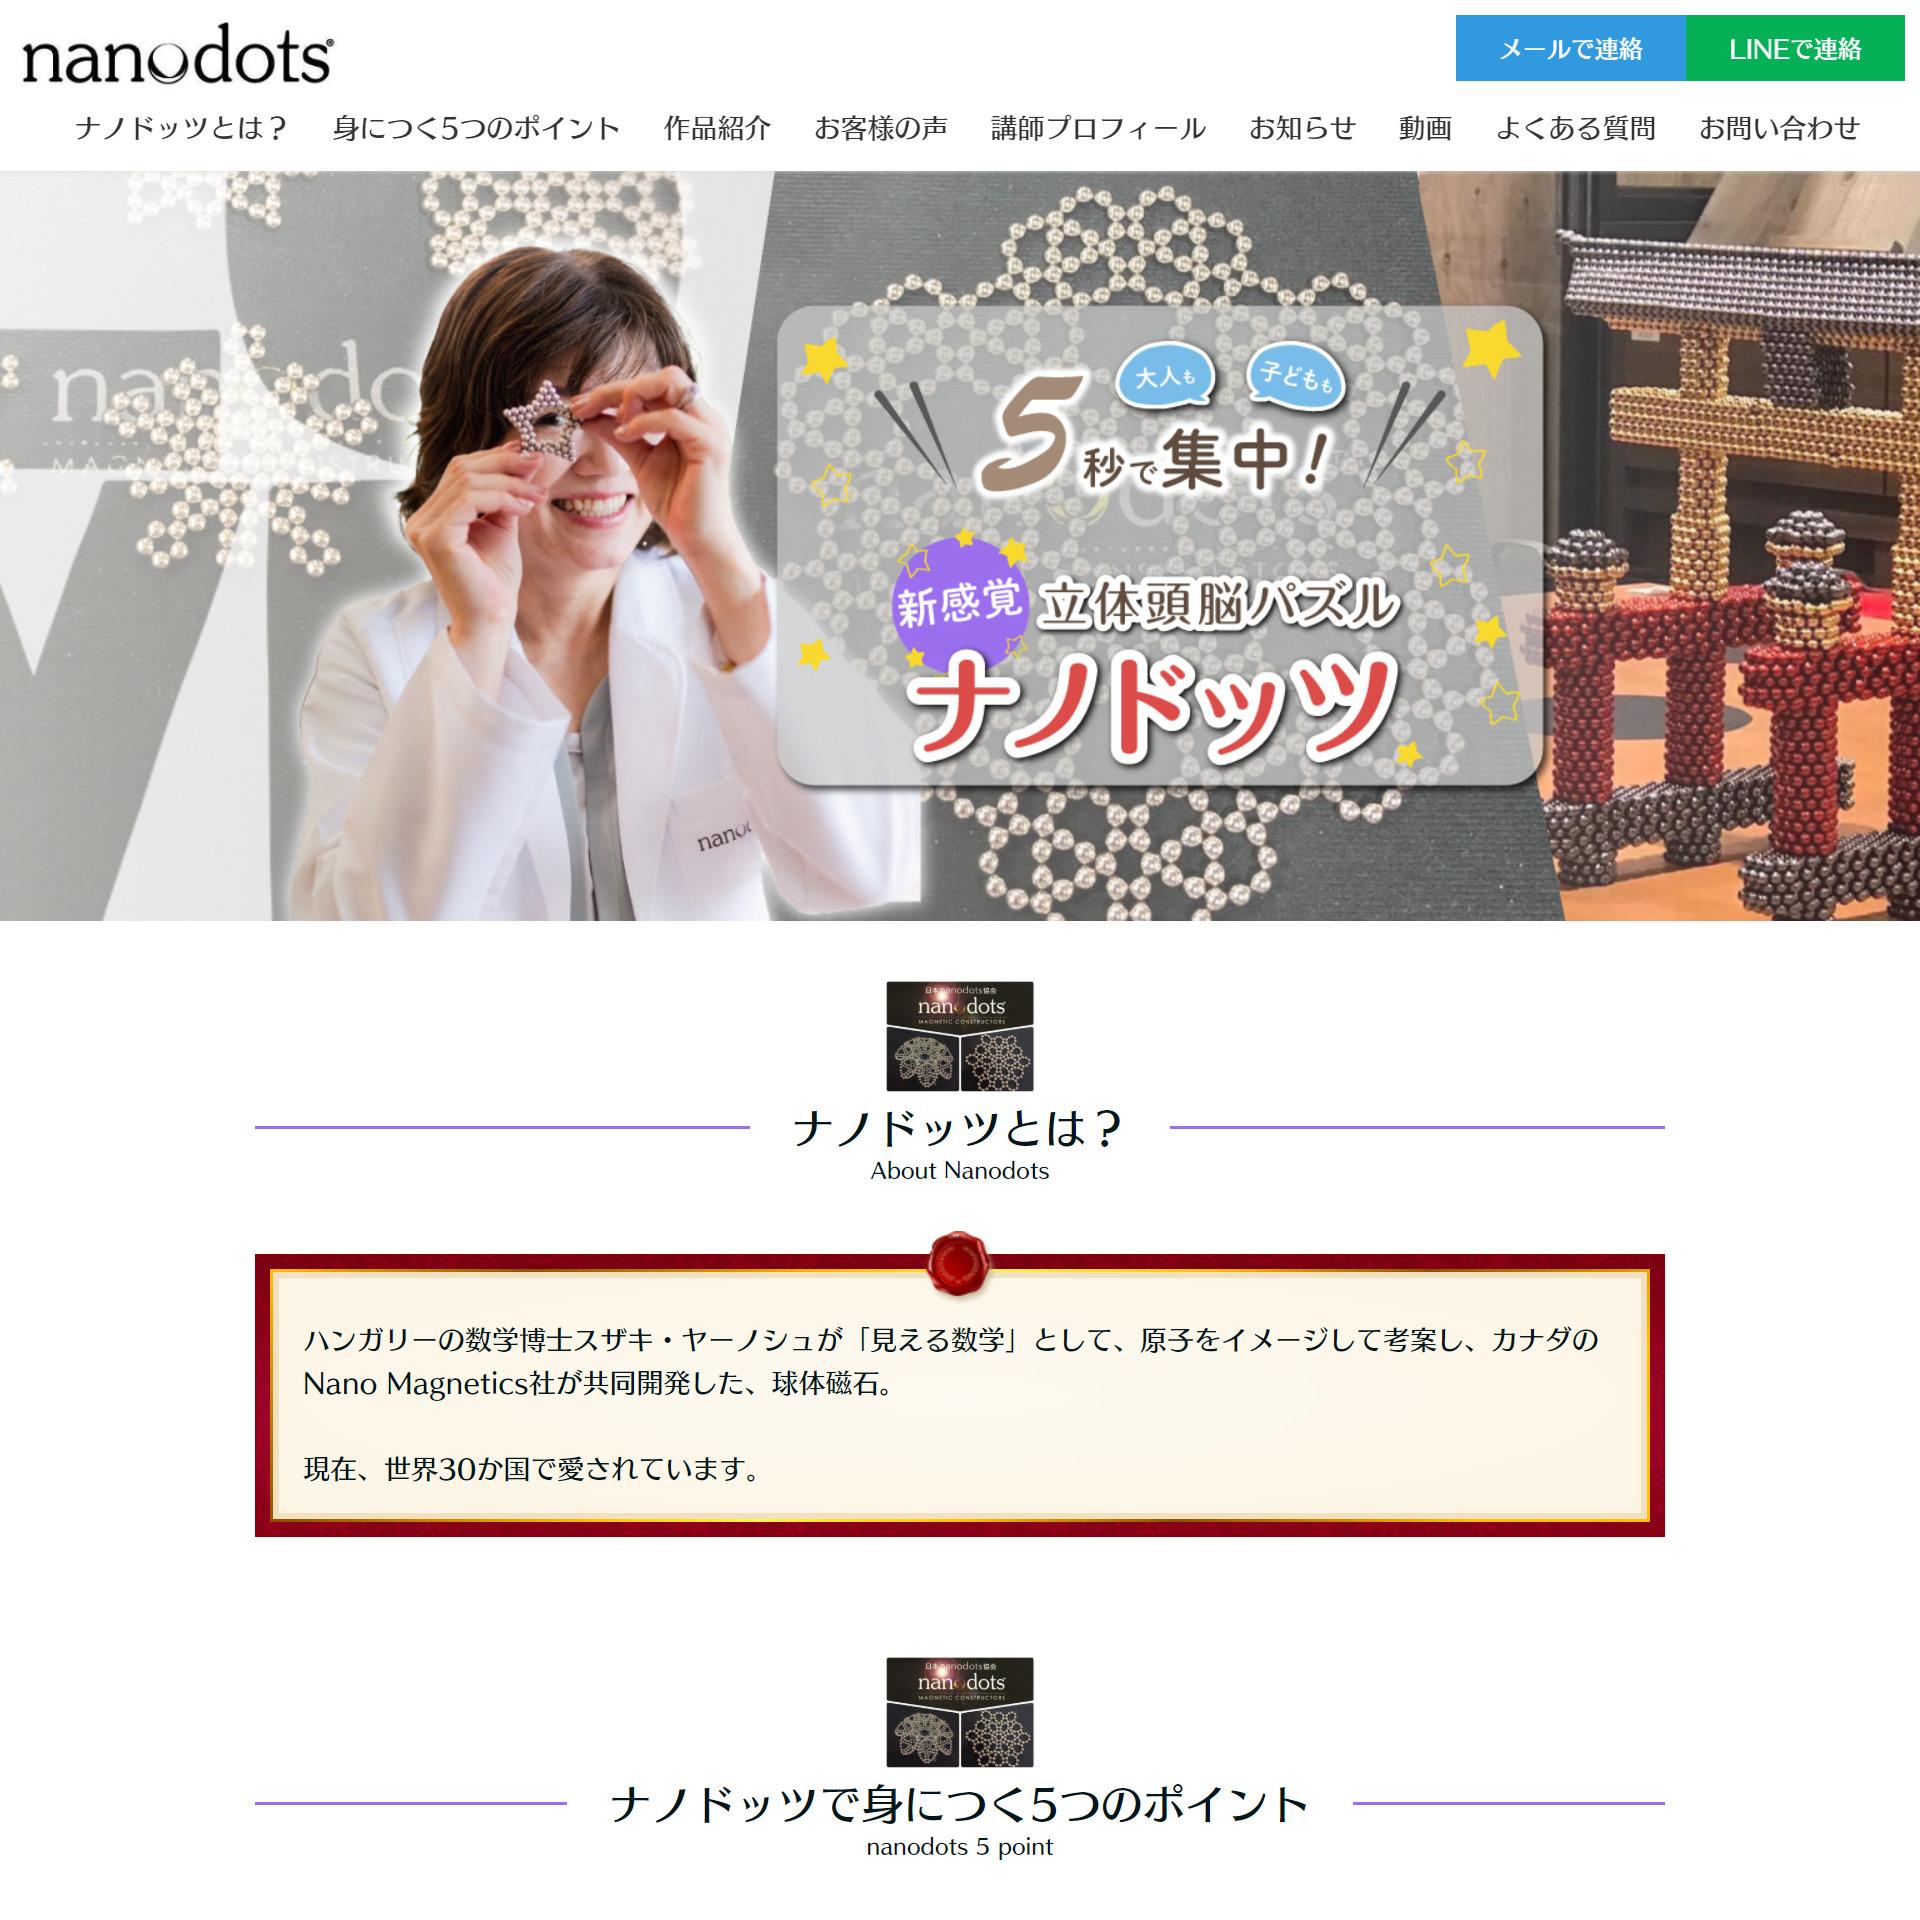 広島 ナノドッツ教室『ふくもり しのぶ』公式ホームページ